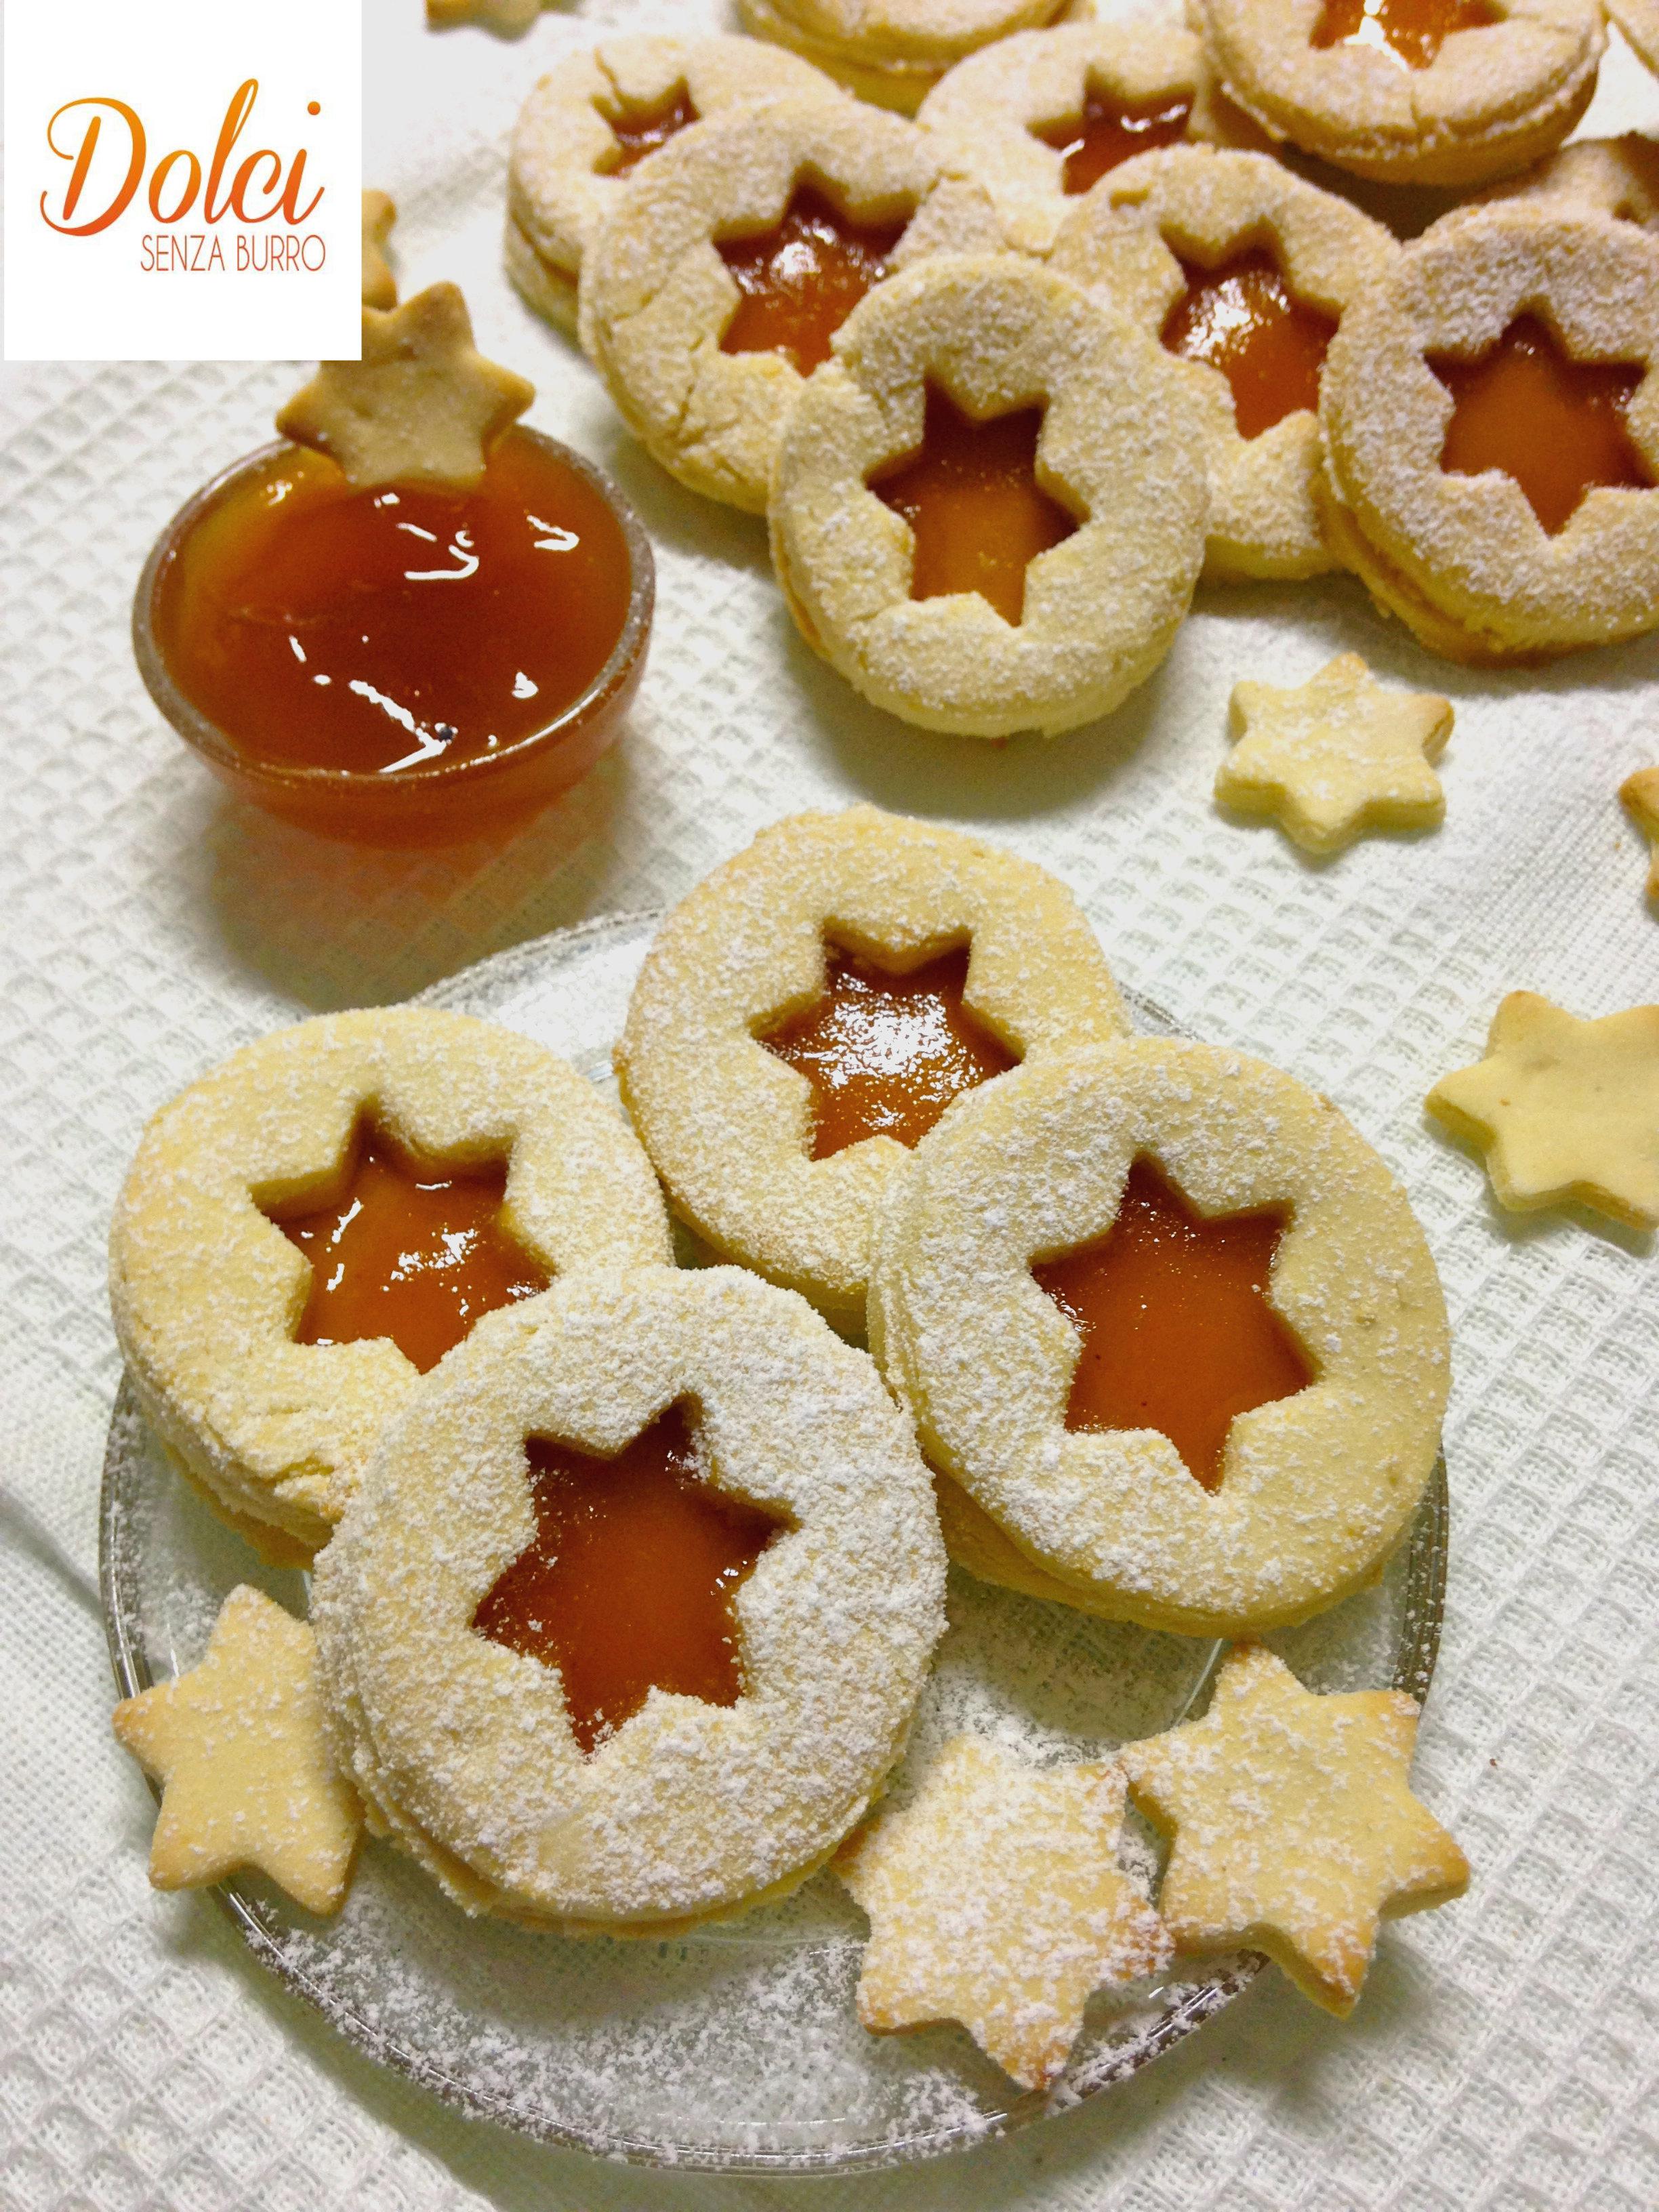 biscotti senza burro alla marmellata